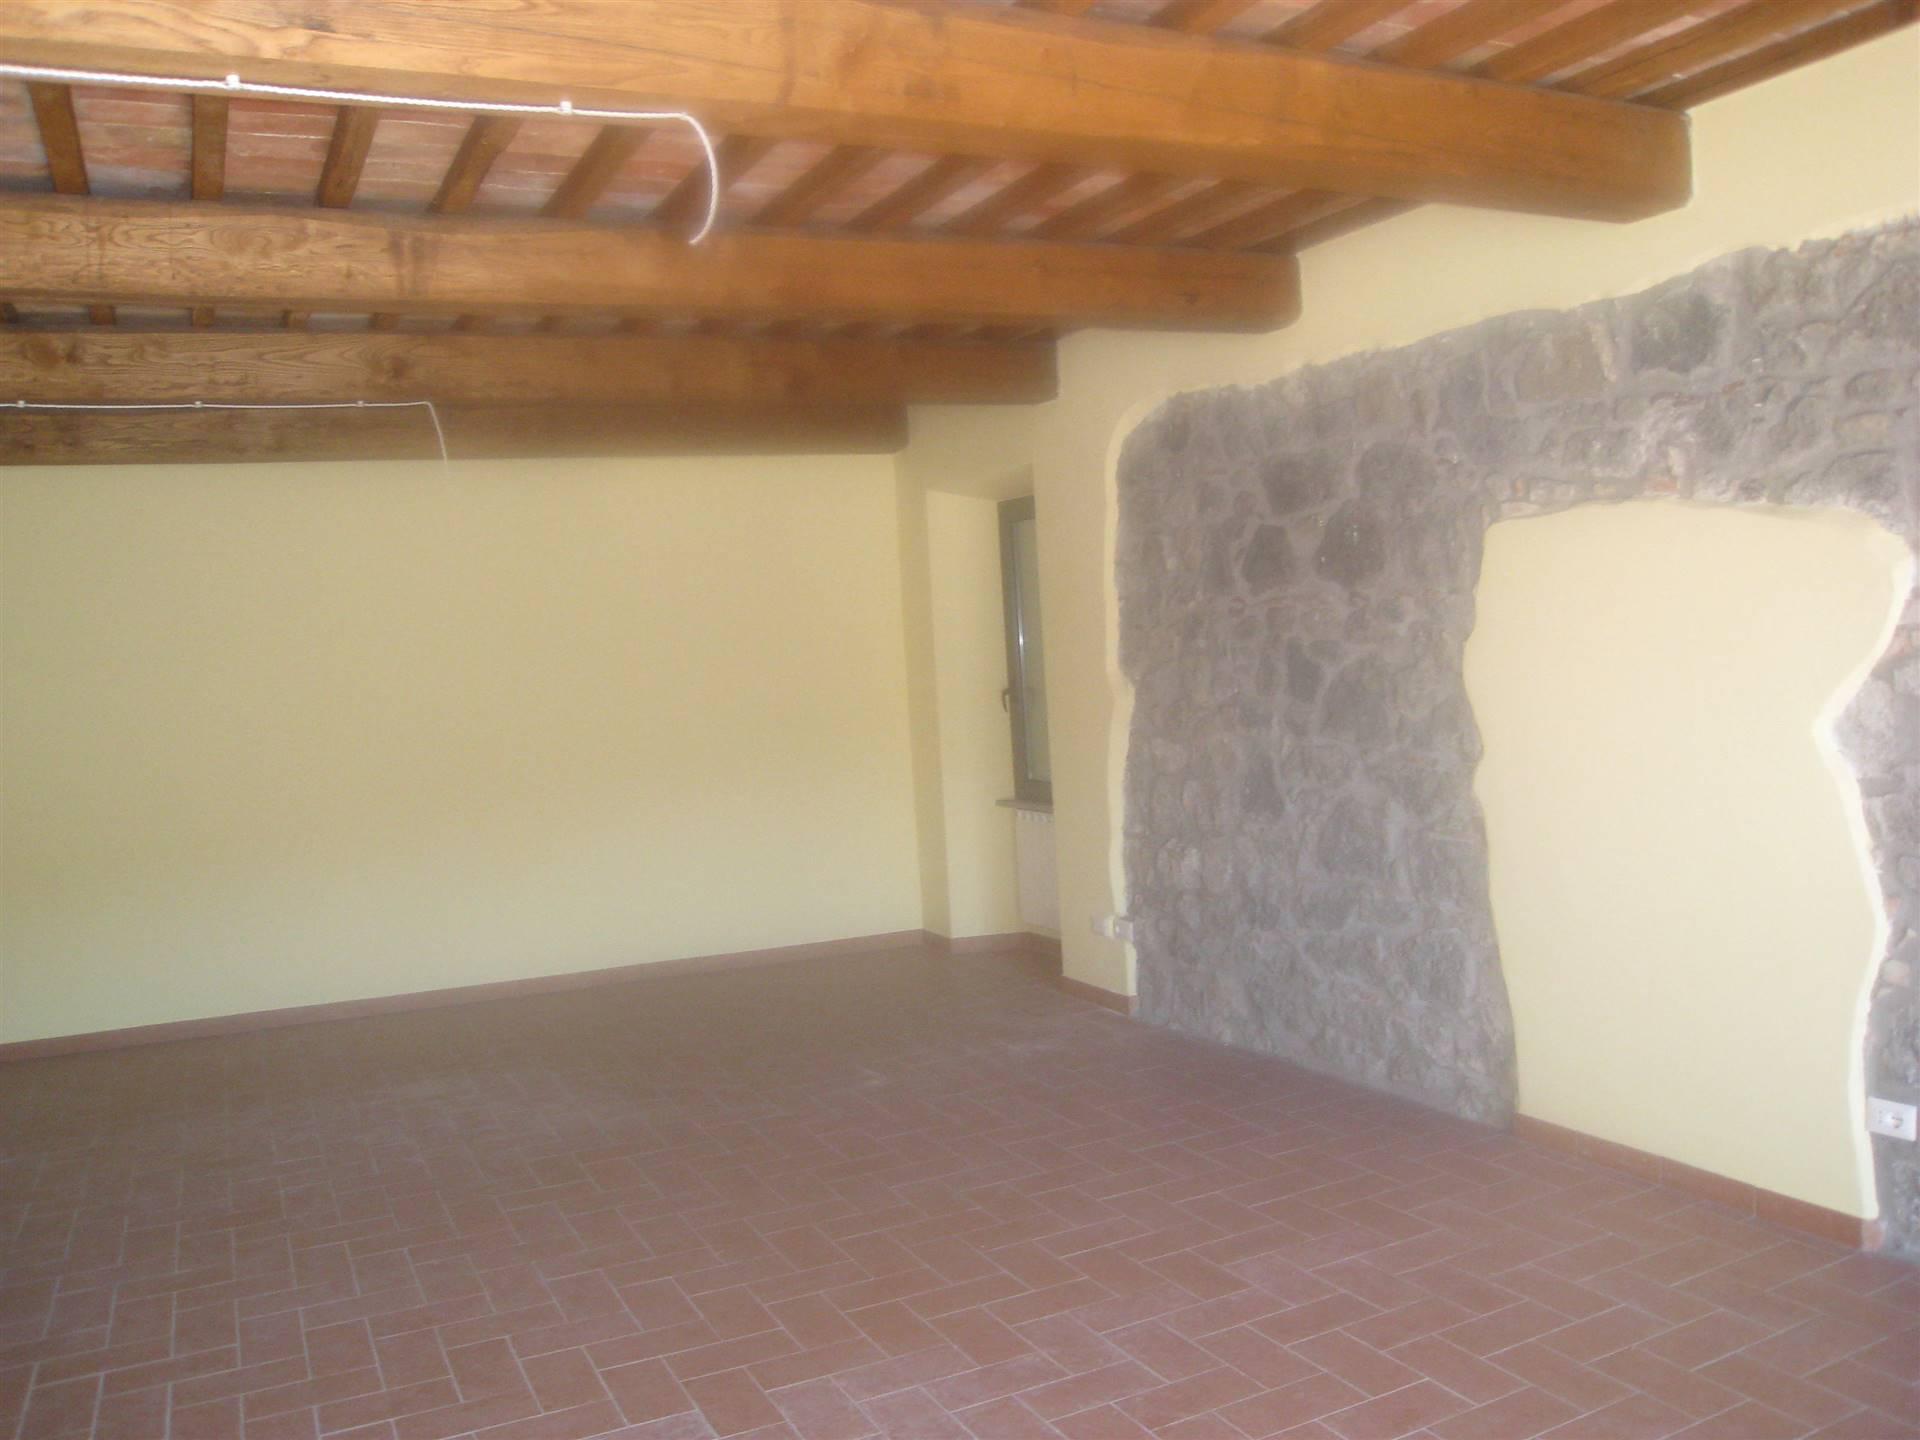 Ufficio / Studio in affitto a Montefiascone, 70 locali, prezzo € 370 | CambioCasa.it